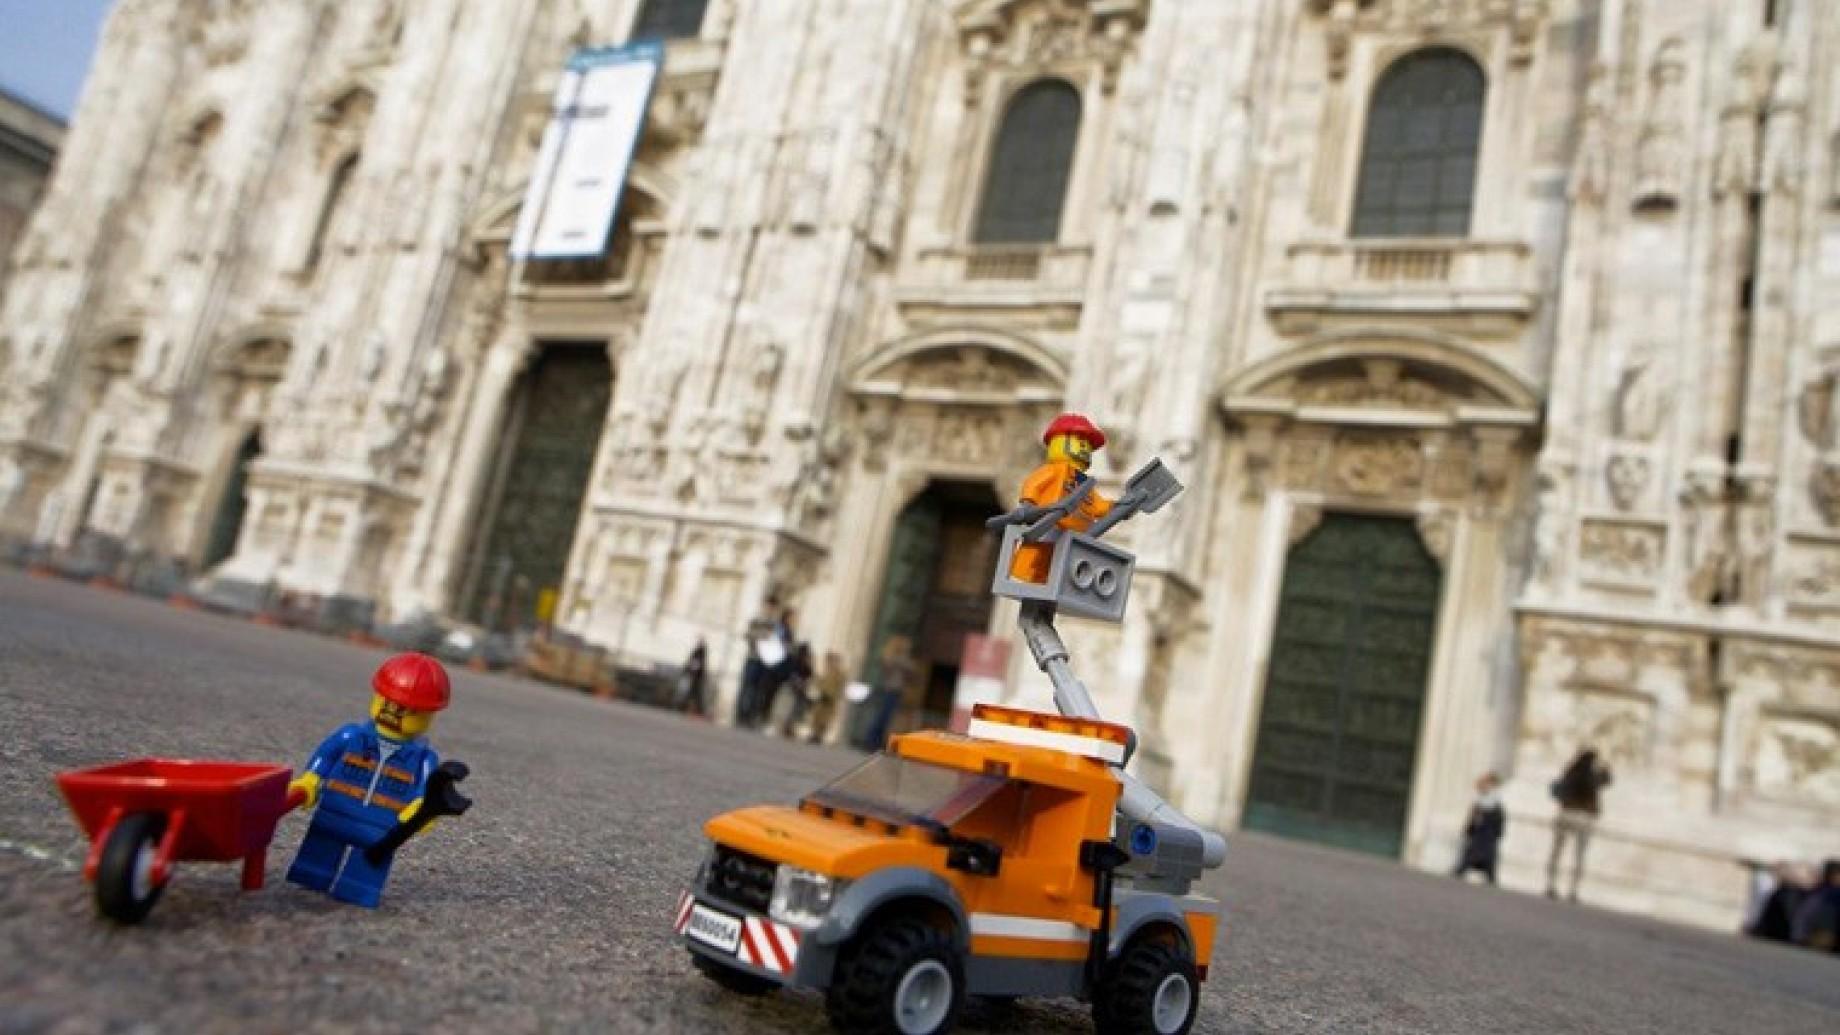 Il Pirellone nel Pirellone: arriva la mostra di Lego sui monumenti lombardi!